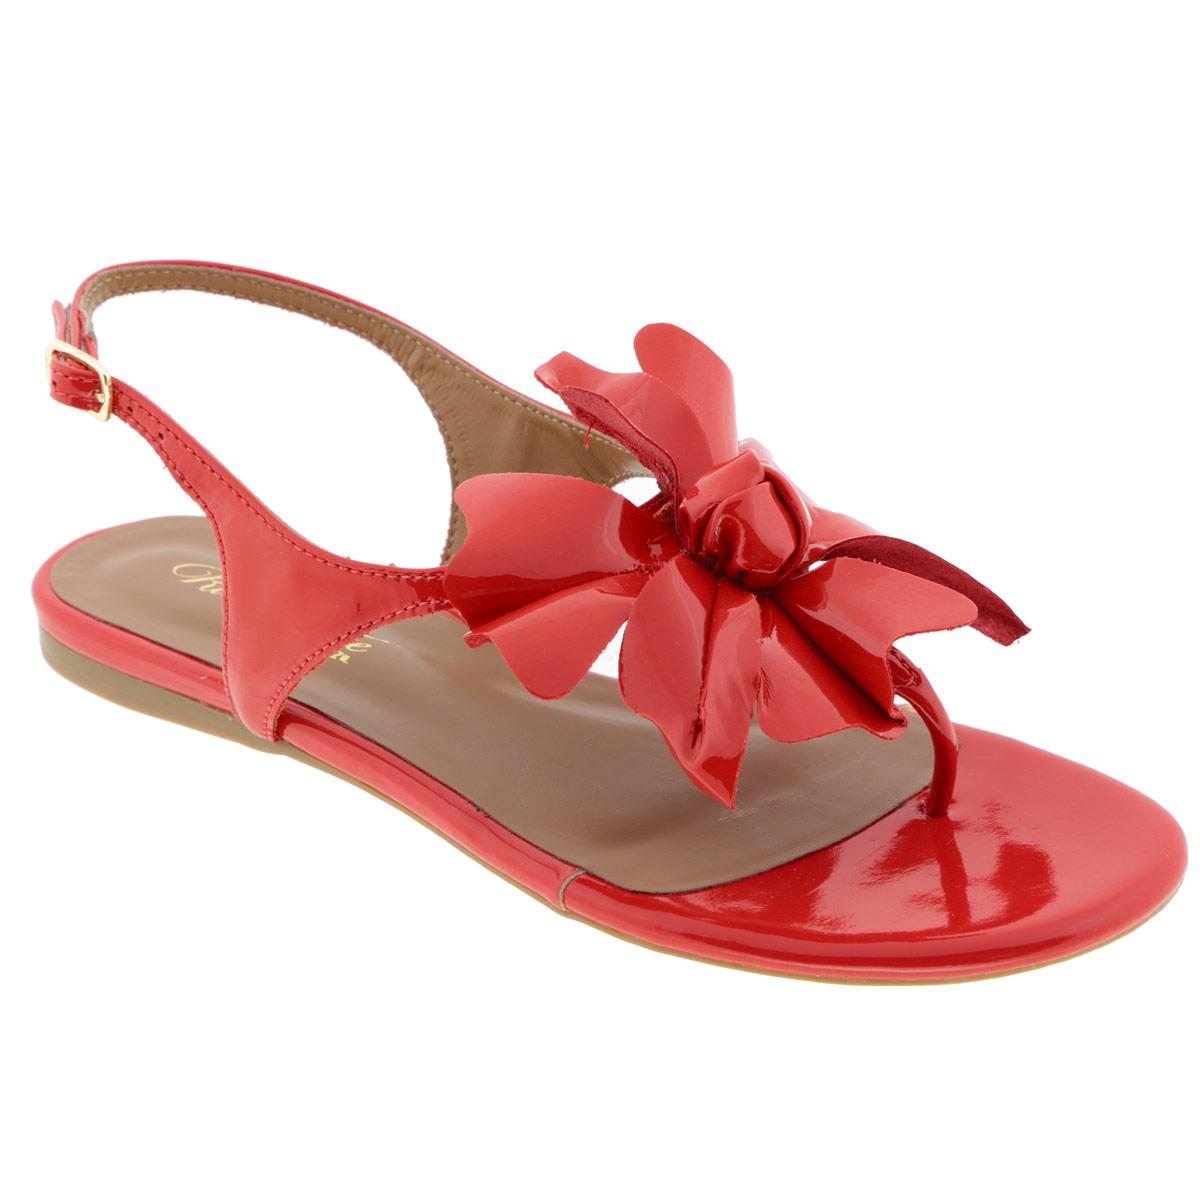 Сандалии женские. 30200043020004Изящные сандалии Rio Couture подчеркнут вашу женственную красоту! Модель выполнена из натуральной лакированной кожи. Мыс сандалий оформлен крупной аппликацией в виде цветка. Эргономичная перемычка между пальцами и ремешок с металлической пряжкой надежно зафиксируют модель на вашей ноге. Длина ремешка регулируется за счет болта. Стелька из натуральной кожи, дополненная названием бренда, комфортна при ходьбе. Подошва с рифлением обеспечивает отличное сцепление с любыми поверхностями. Стильные сандалии станут прекрасным завершением вашего летнего образа.